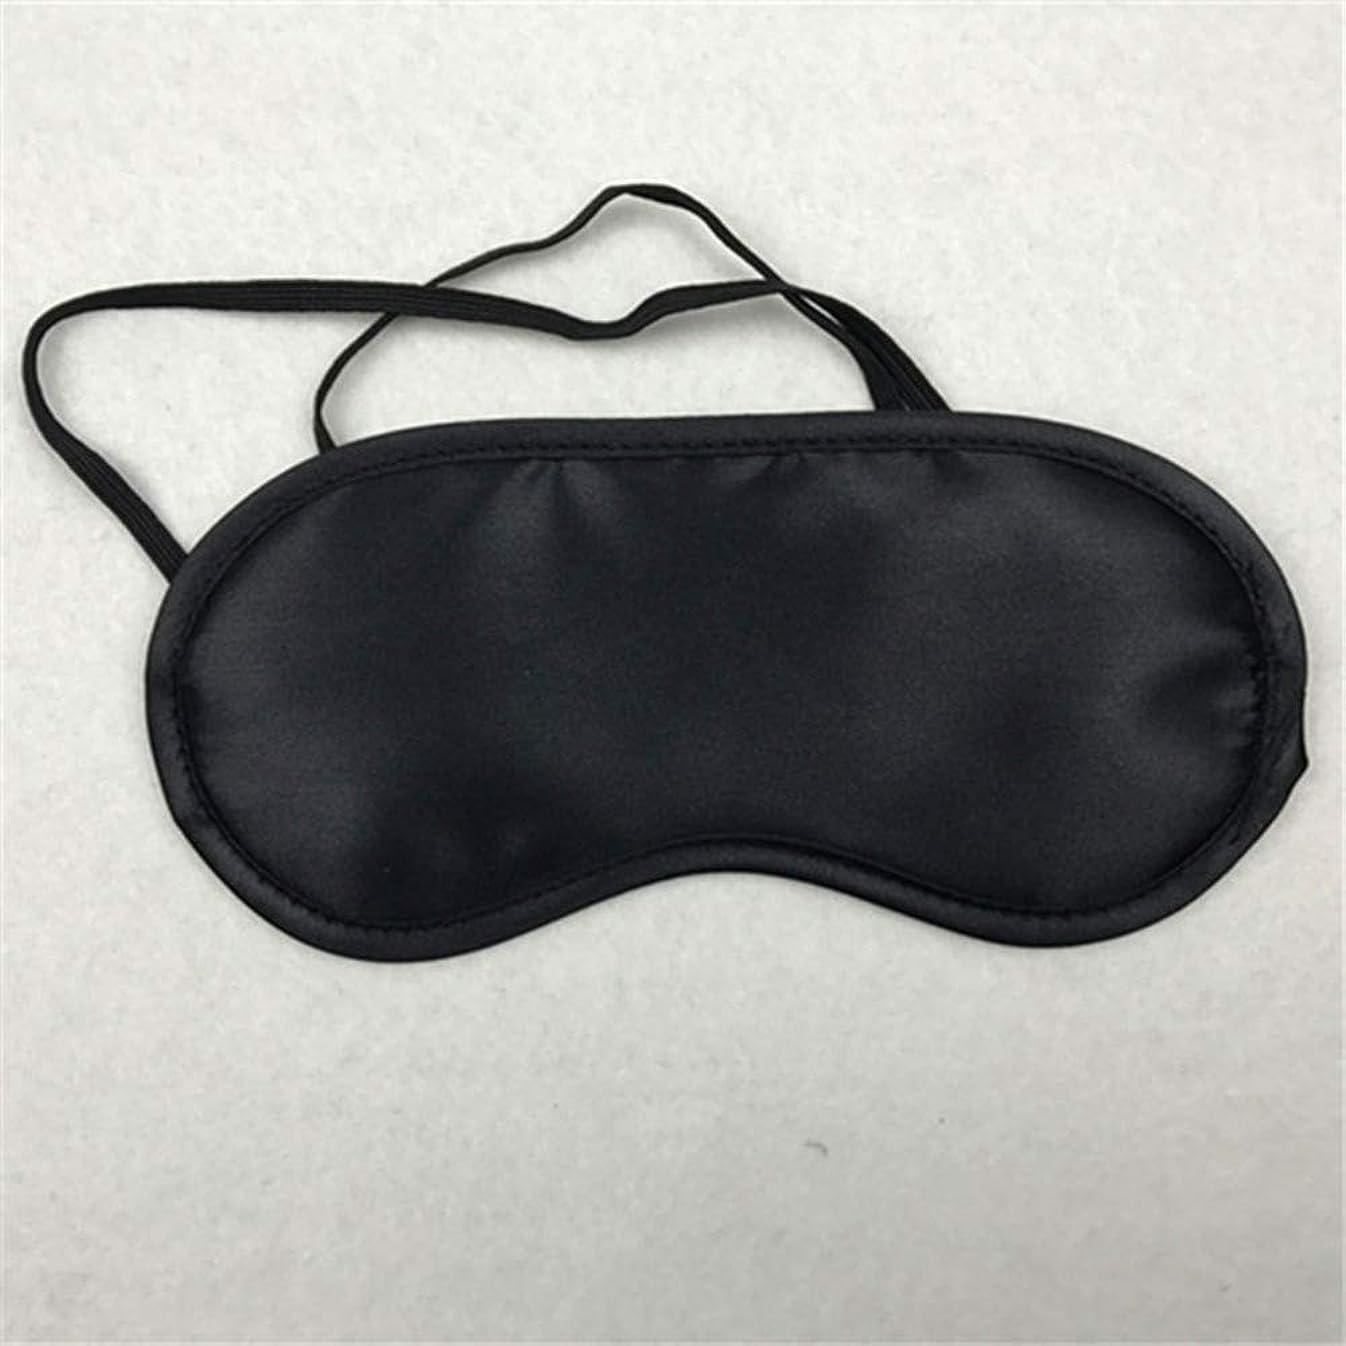 やろうギャロップ旅客NOTE 10ピースソフトアイスリープマスクパッド入りシェードカバー旅行リラックス睡眠目隠し